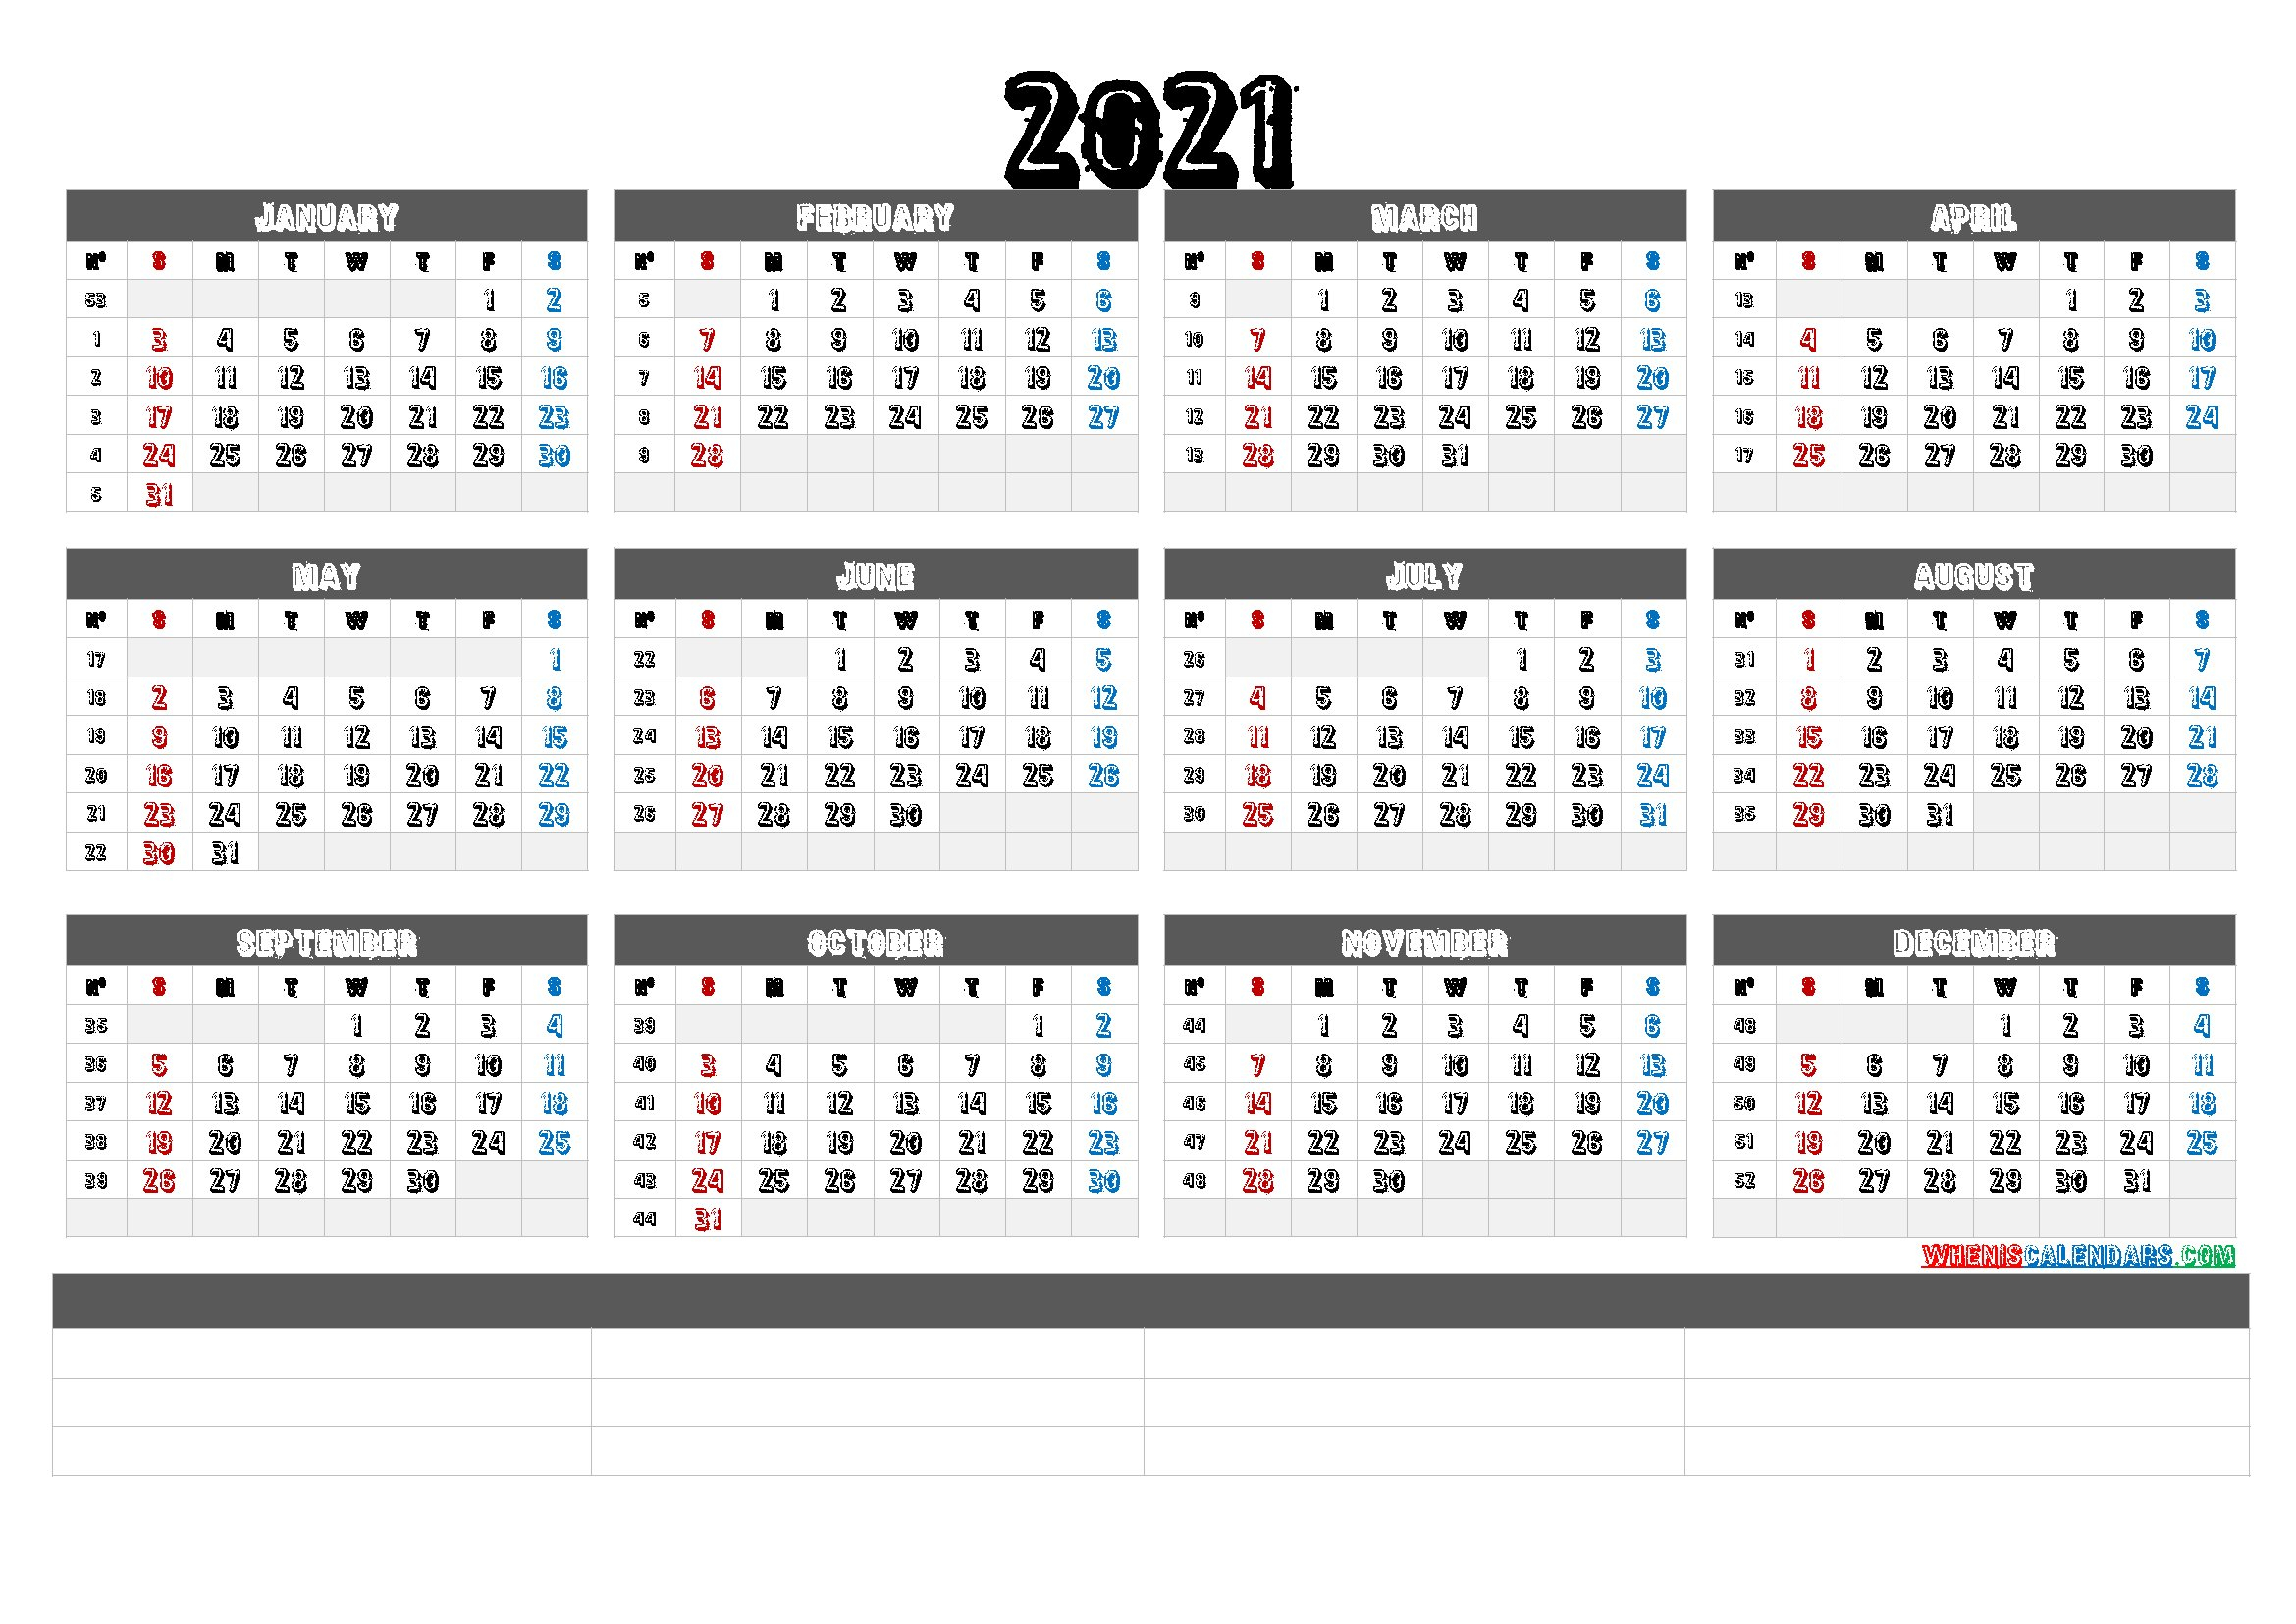 2021 Calendar With Week Number Printable Free / 2021 Calendar Week On On Page